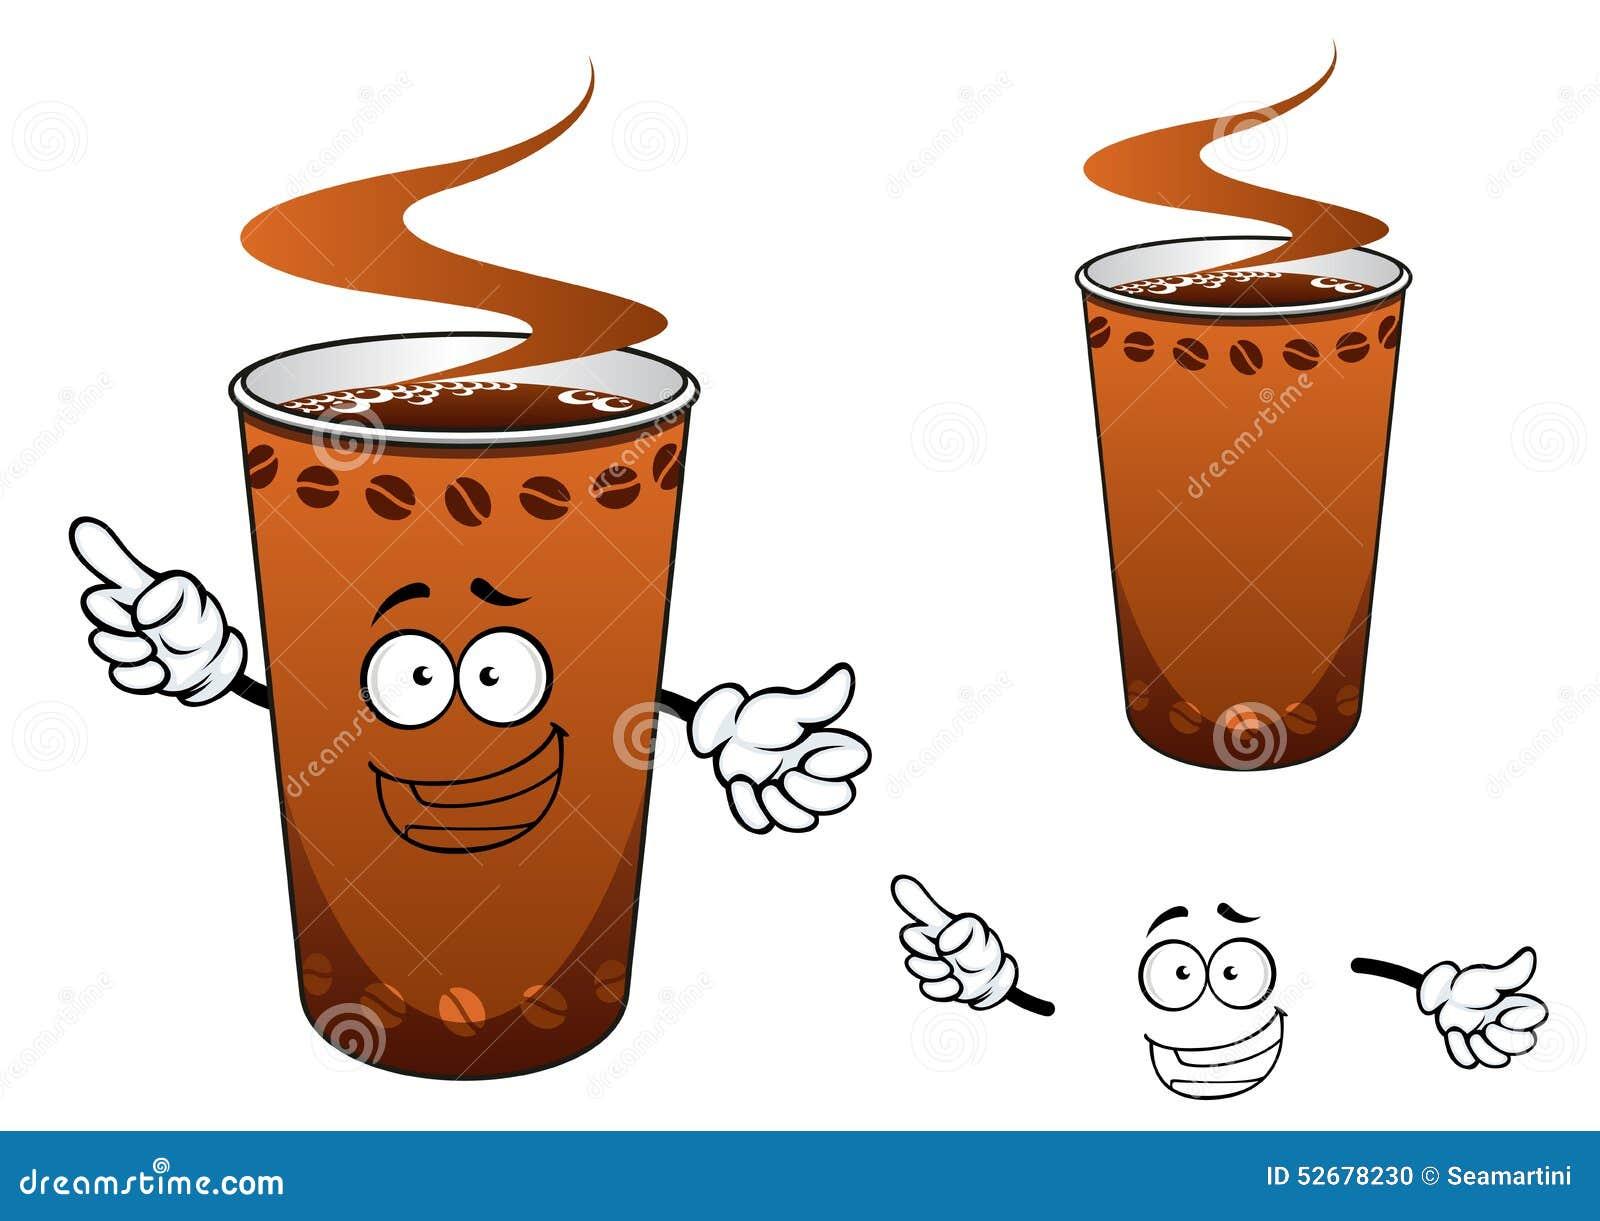 Tasse emporter de personnage de dessin anim de caf illustration de vecteur image 52678230 - Tasse de cafe dessin ...